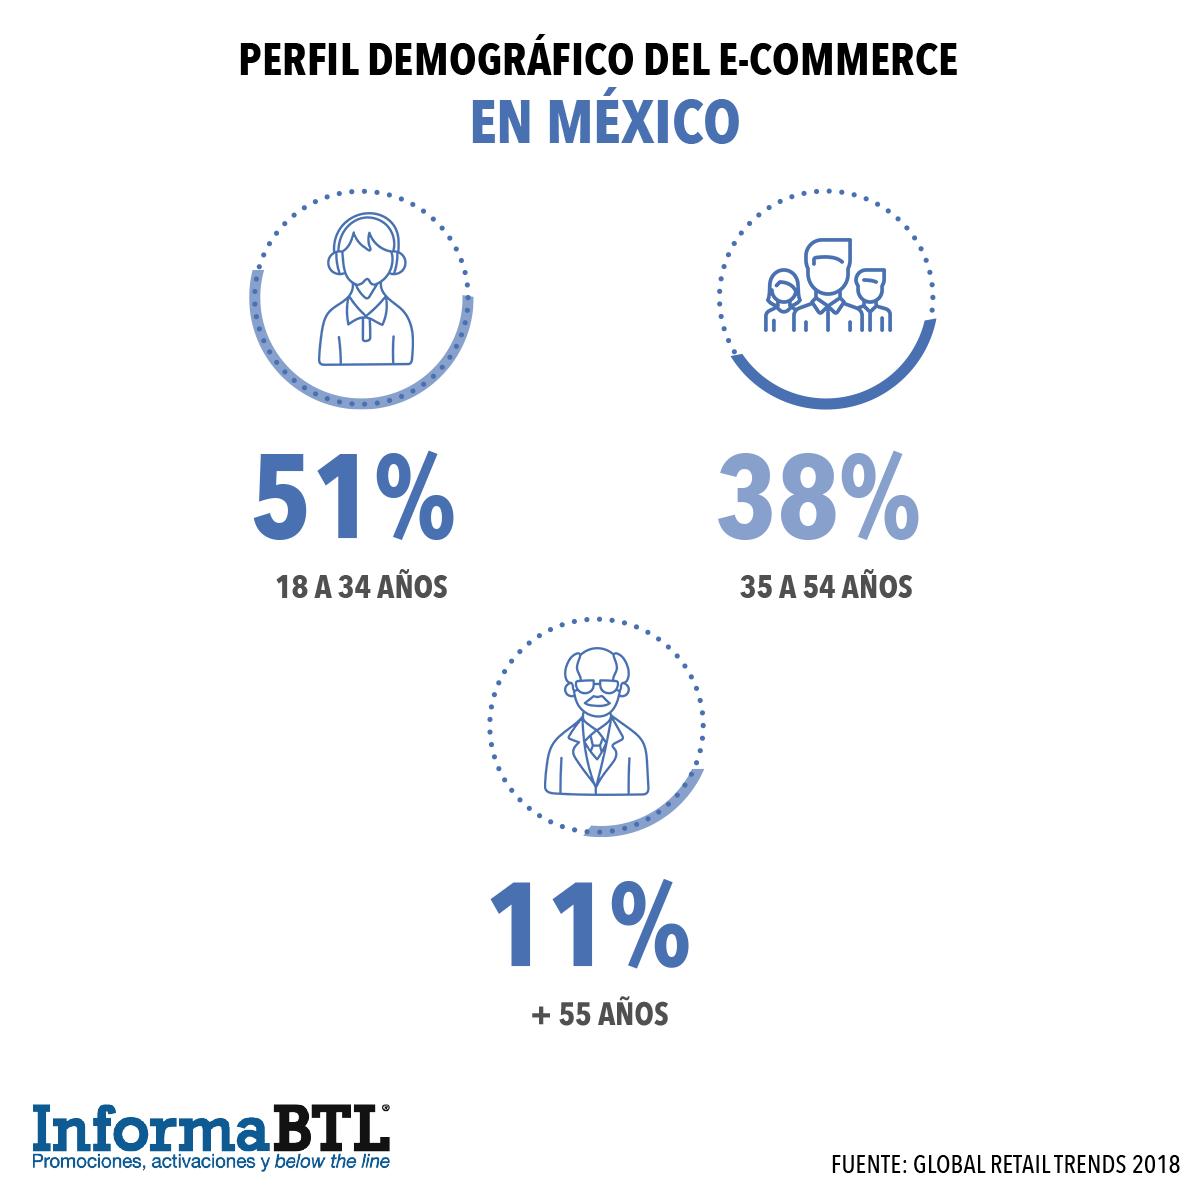 Perfil demográfico del e-commerce en México